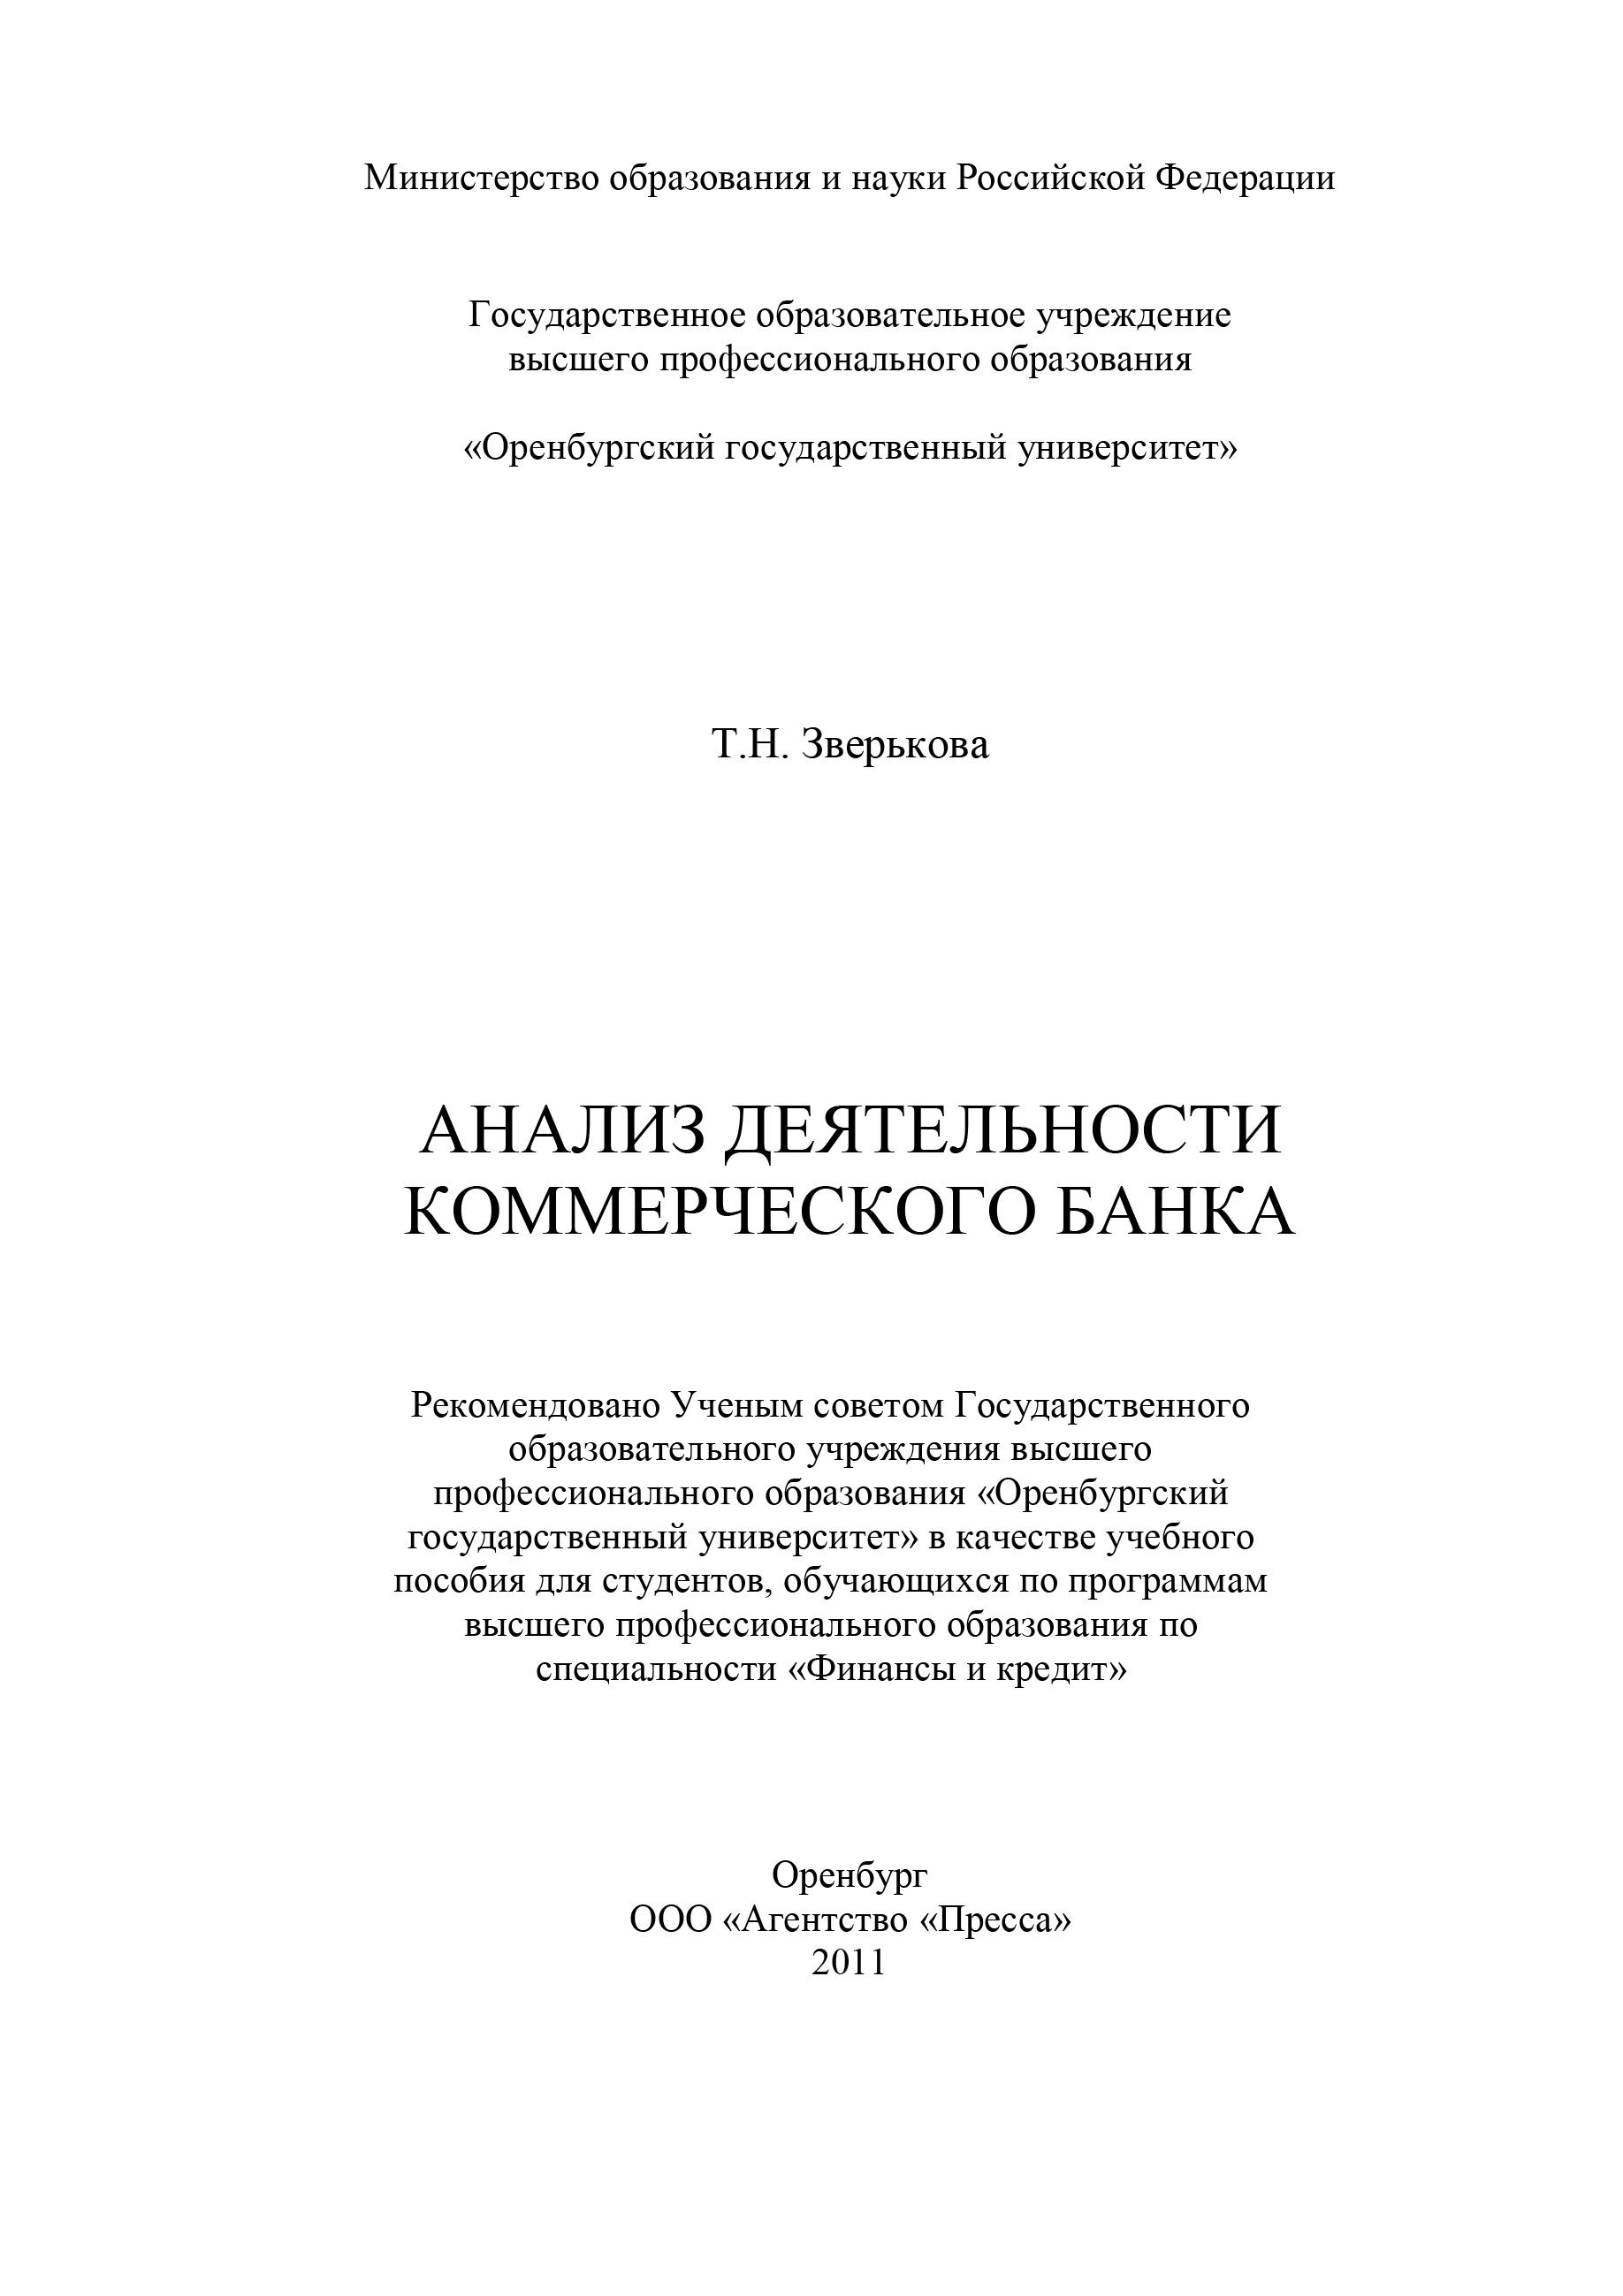 Т. Н. Зверькова Анализ деятельности коммерческого банка банковское дело в 5 ти томах том 2 операции коммерческого банка учебник